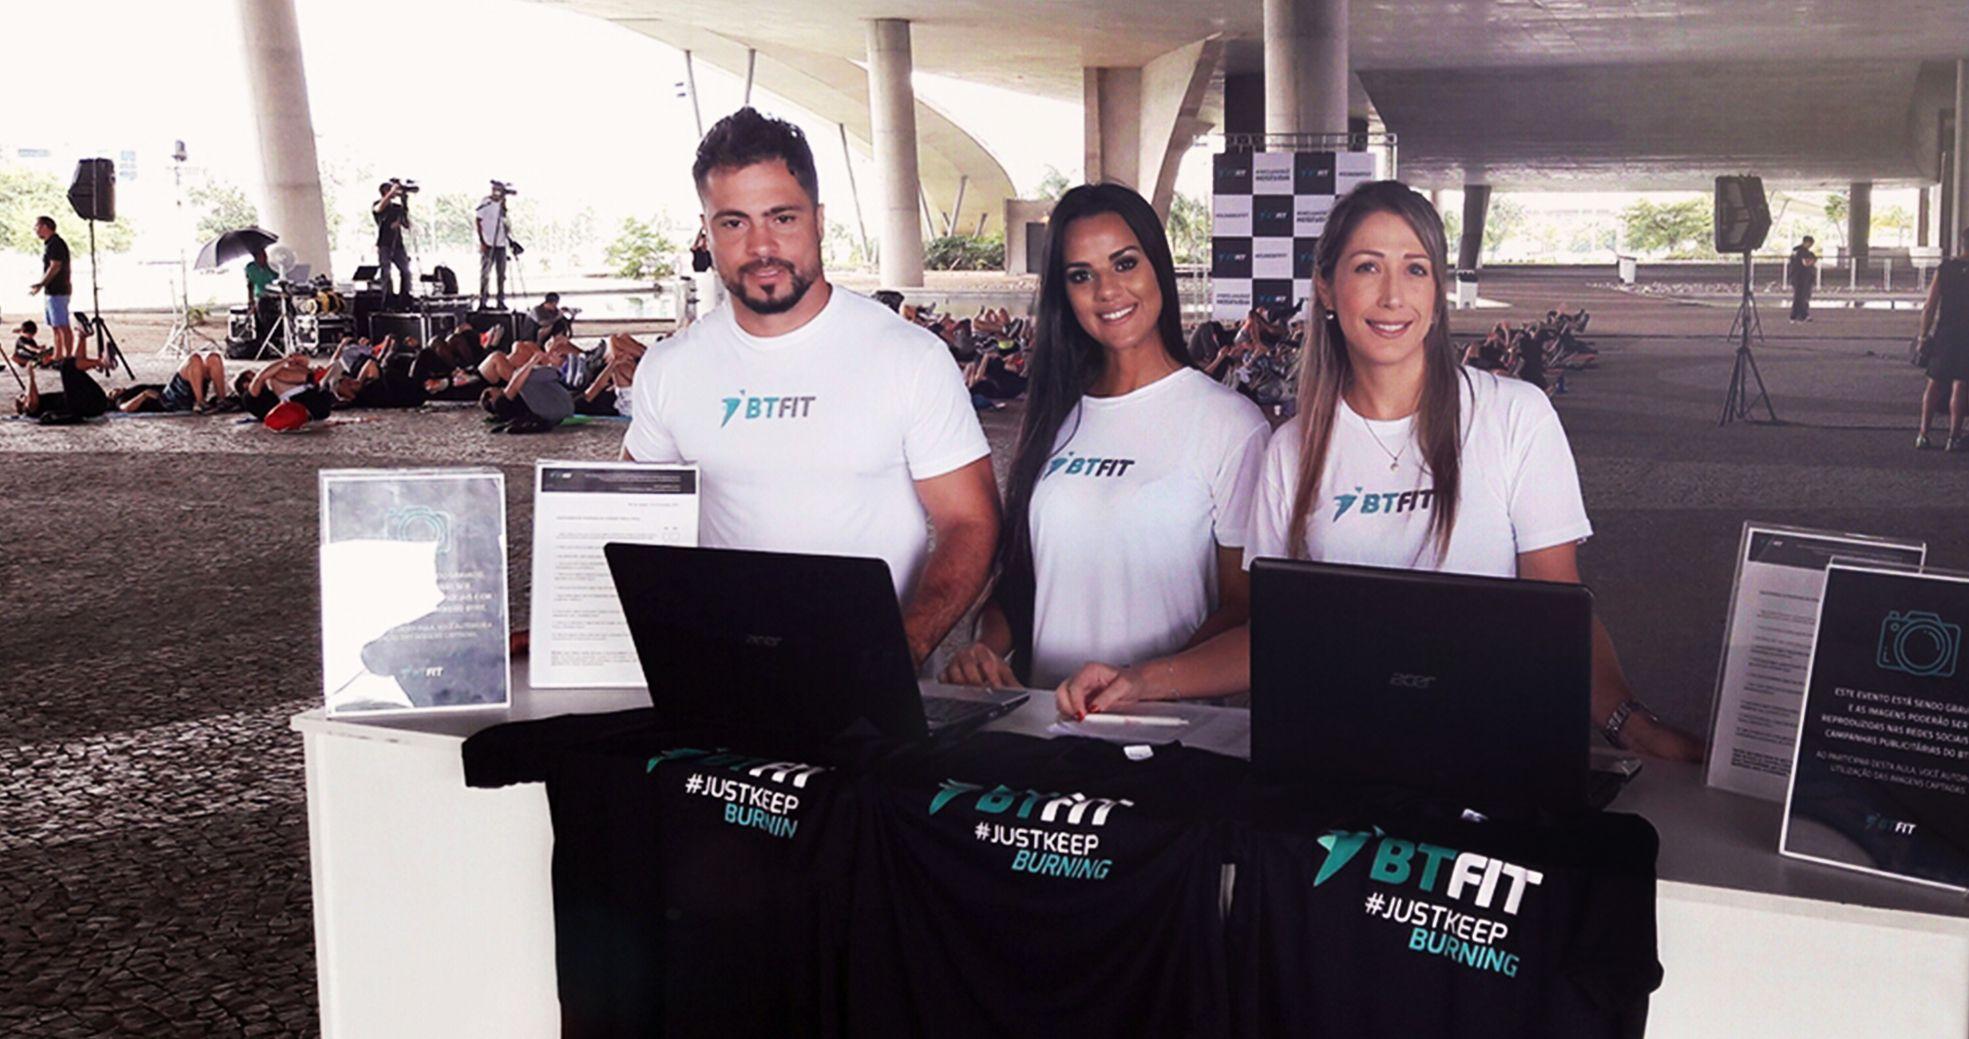 Divulgação de novos planos Bodytech lançamento do App BTFit - Agência DosReis Live Marketing